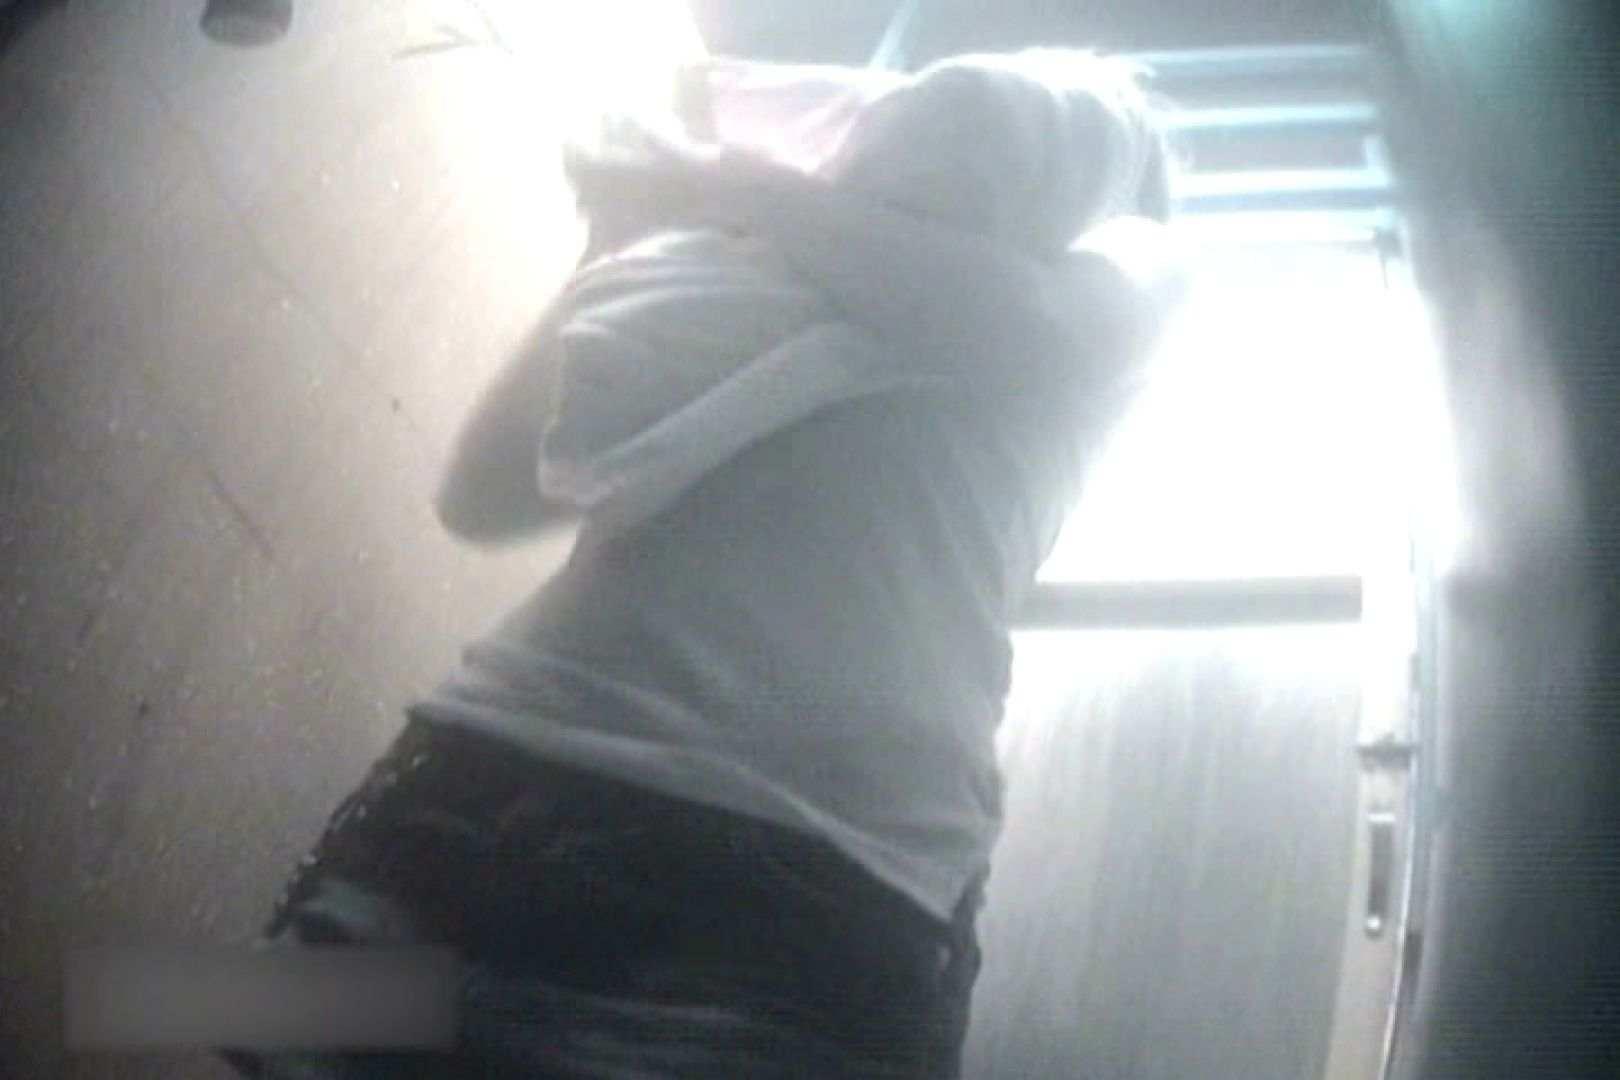 夏海シャワー室!ベトベトお肌をサラサラに!VOL.06 シャワー室 | OLの実態  75pic 21